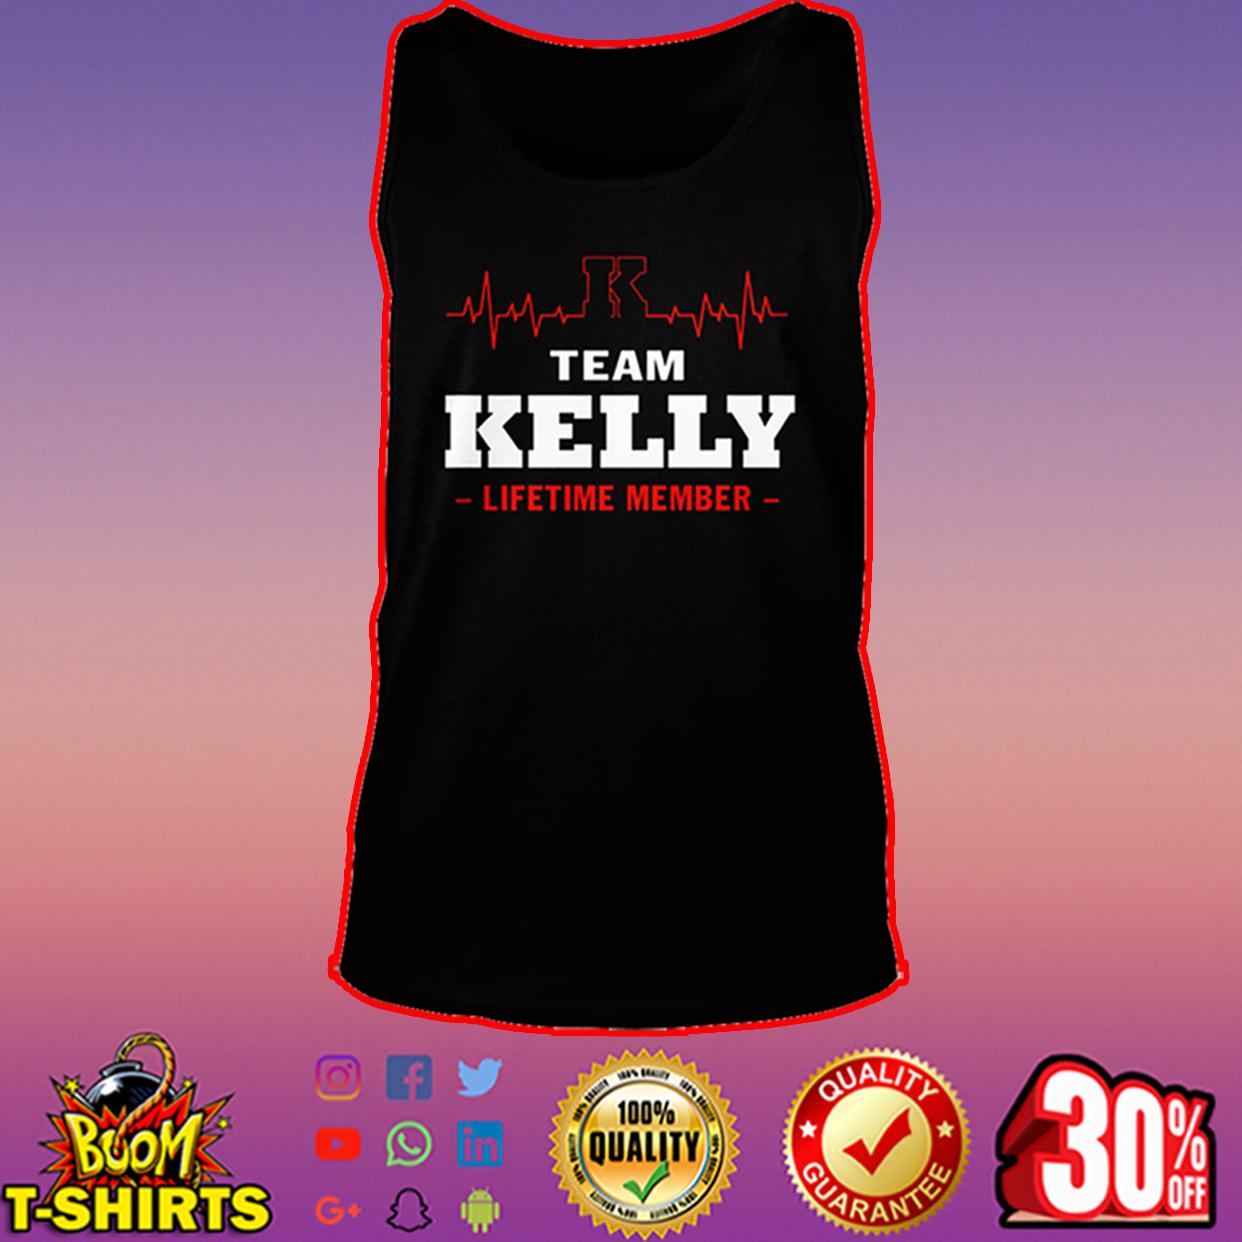 Team Kelly lifetime member tank top